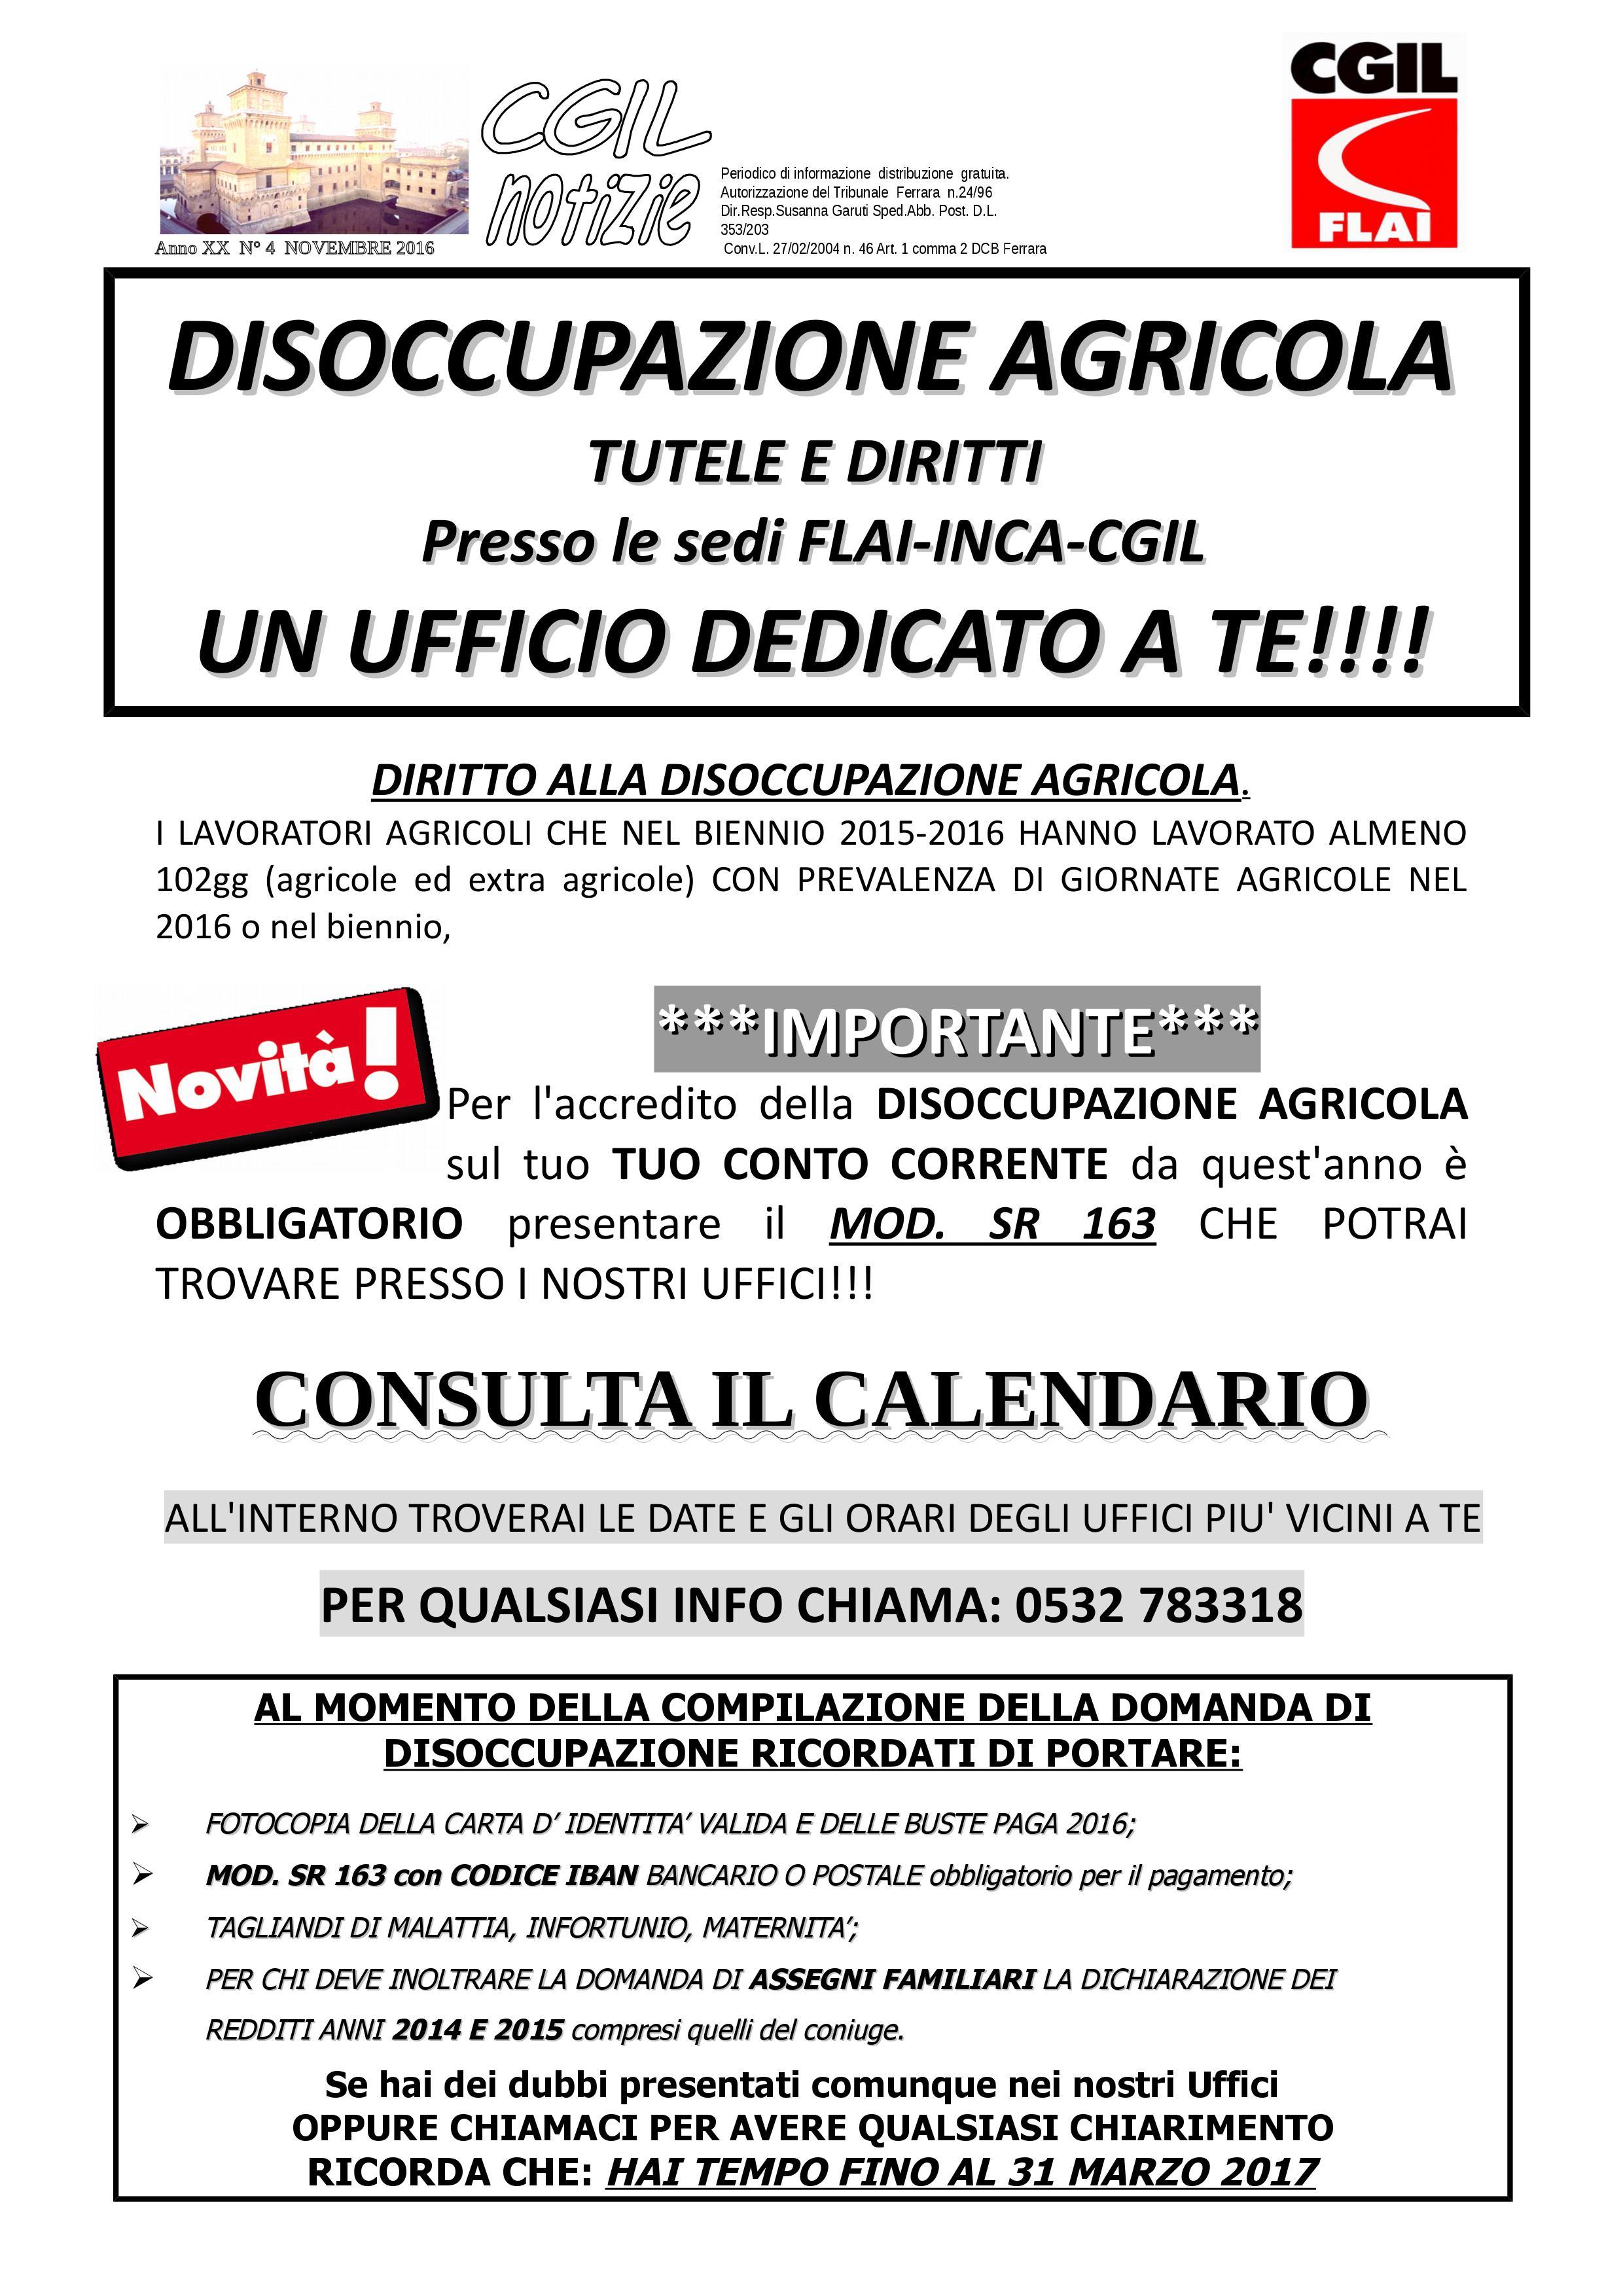 Disoccupazioni agricole 2017: un ufficio dedicato a te